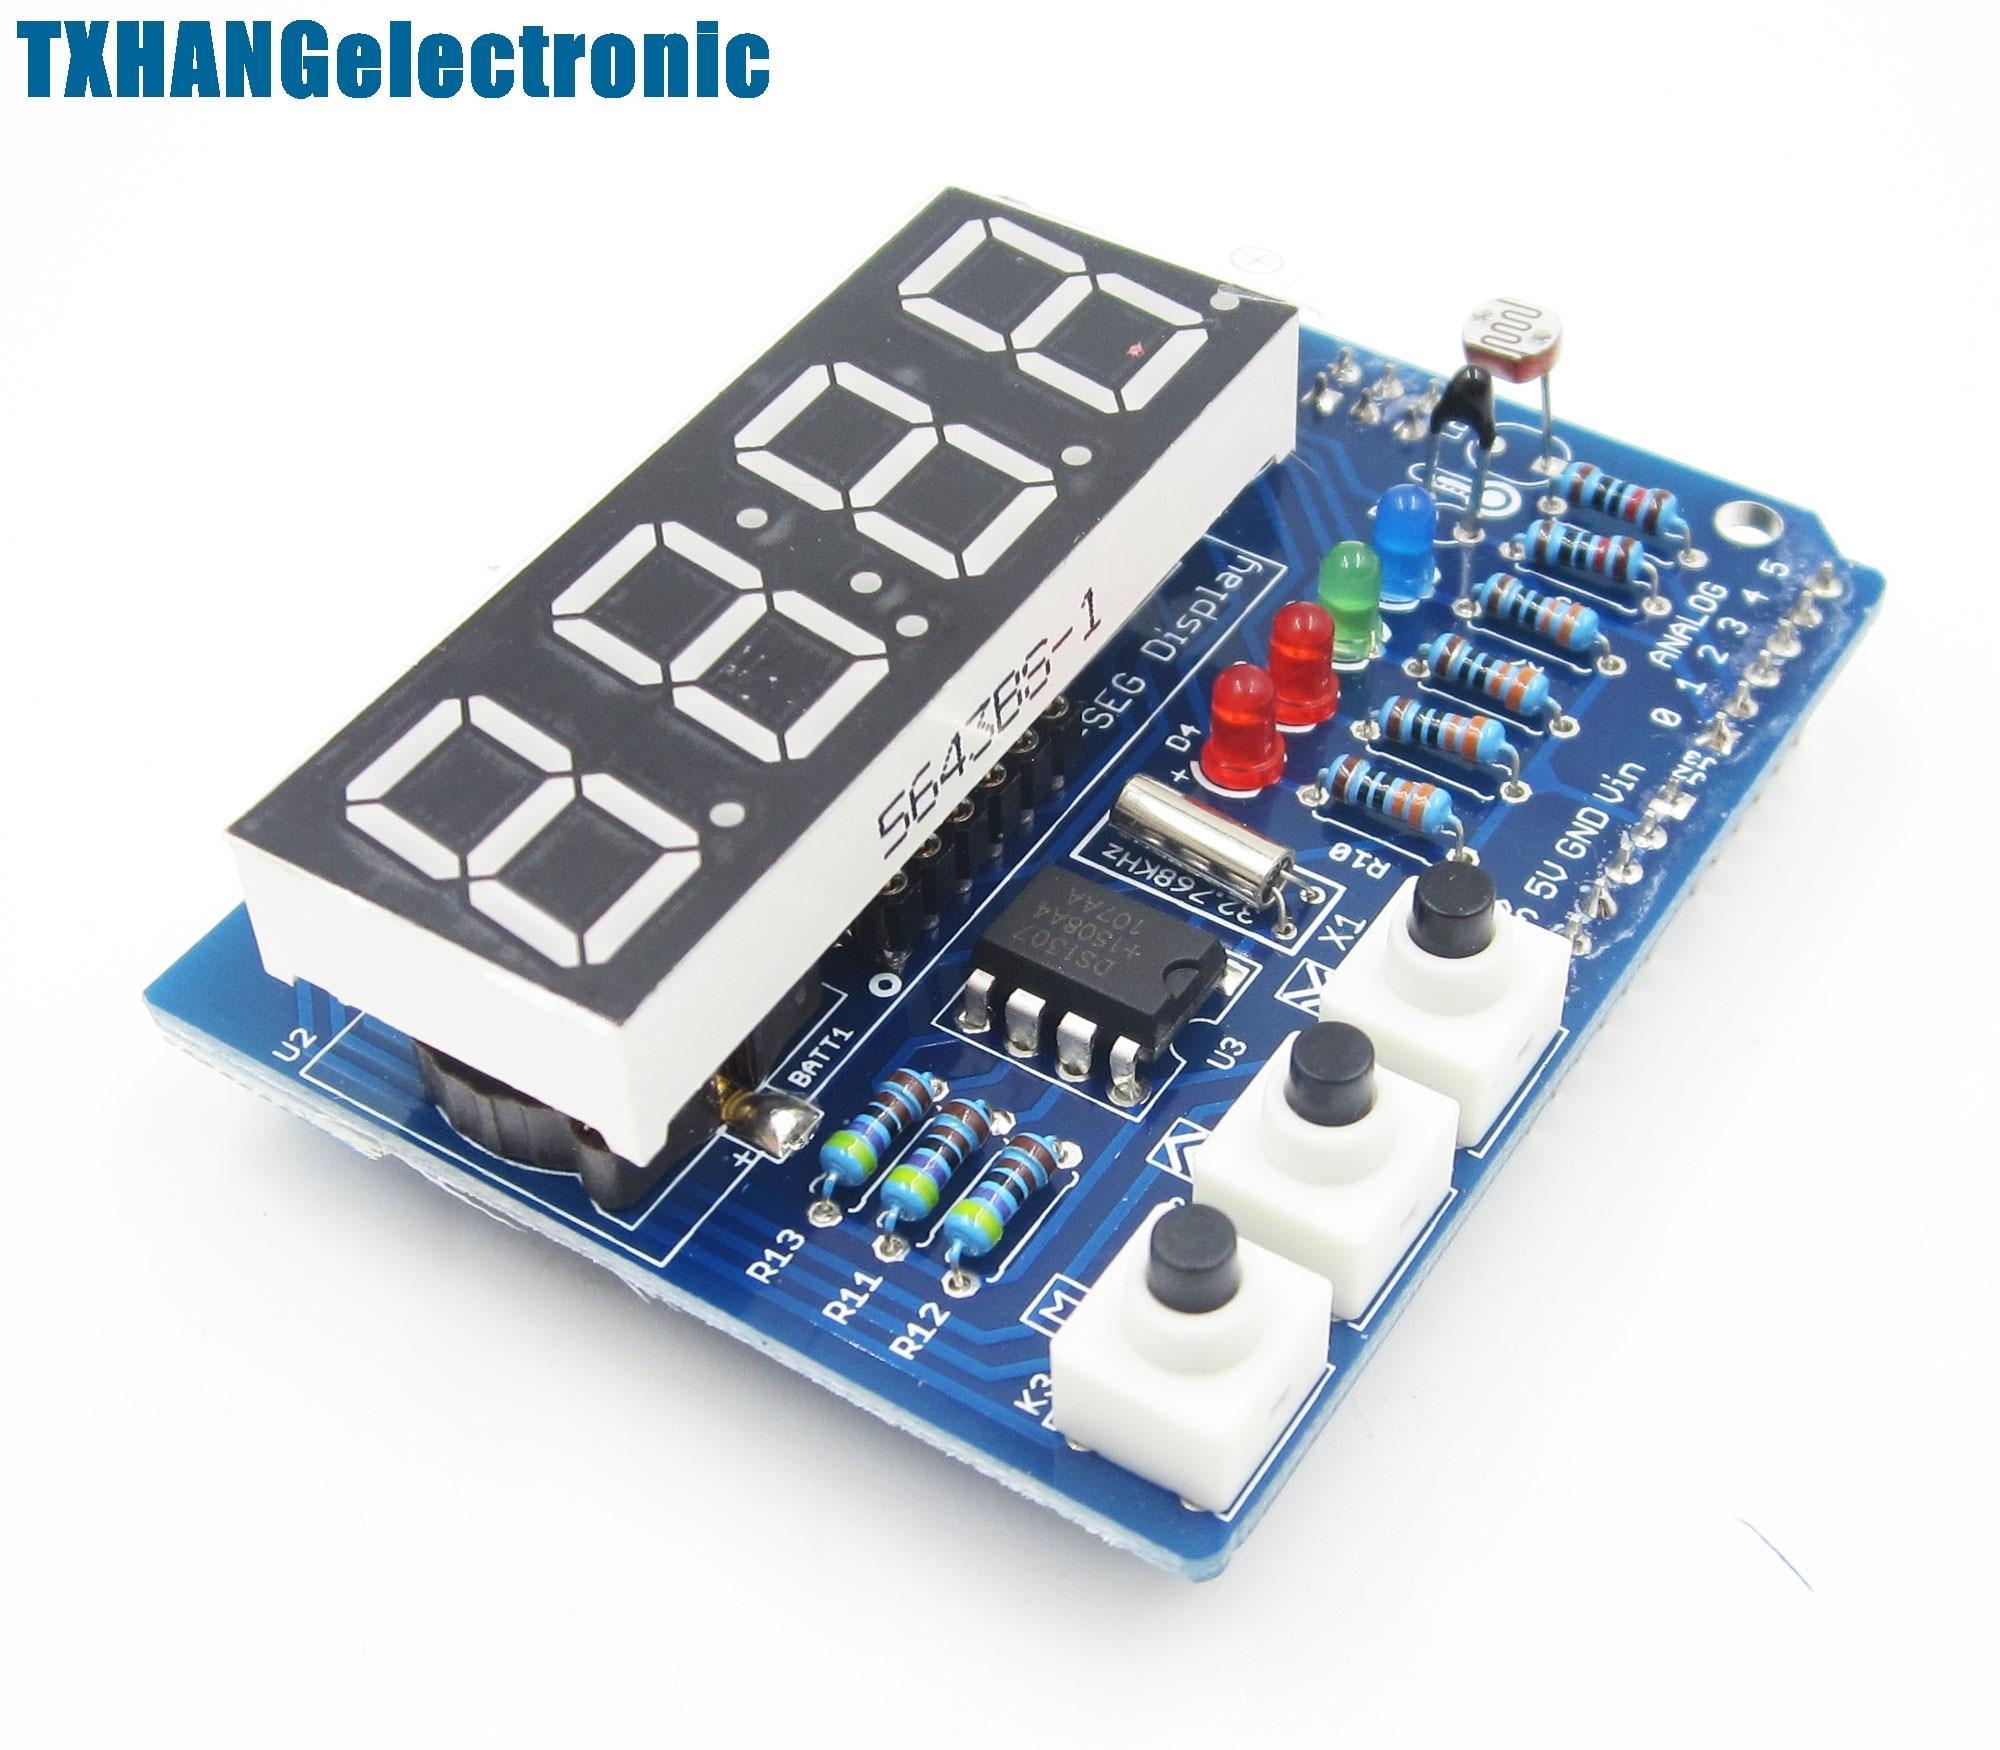 RTC TM1636 DS1307 часы реального времени щит цифровой модуль трубка Термальность Uno